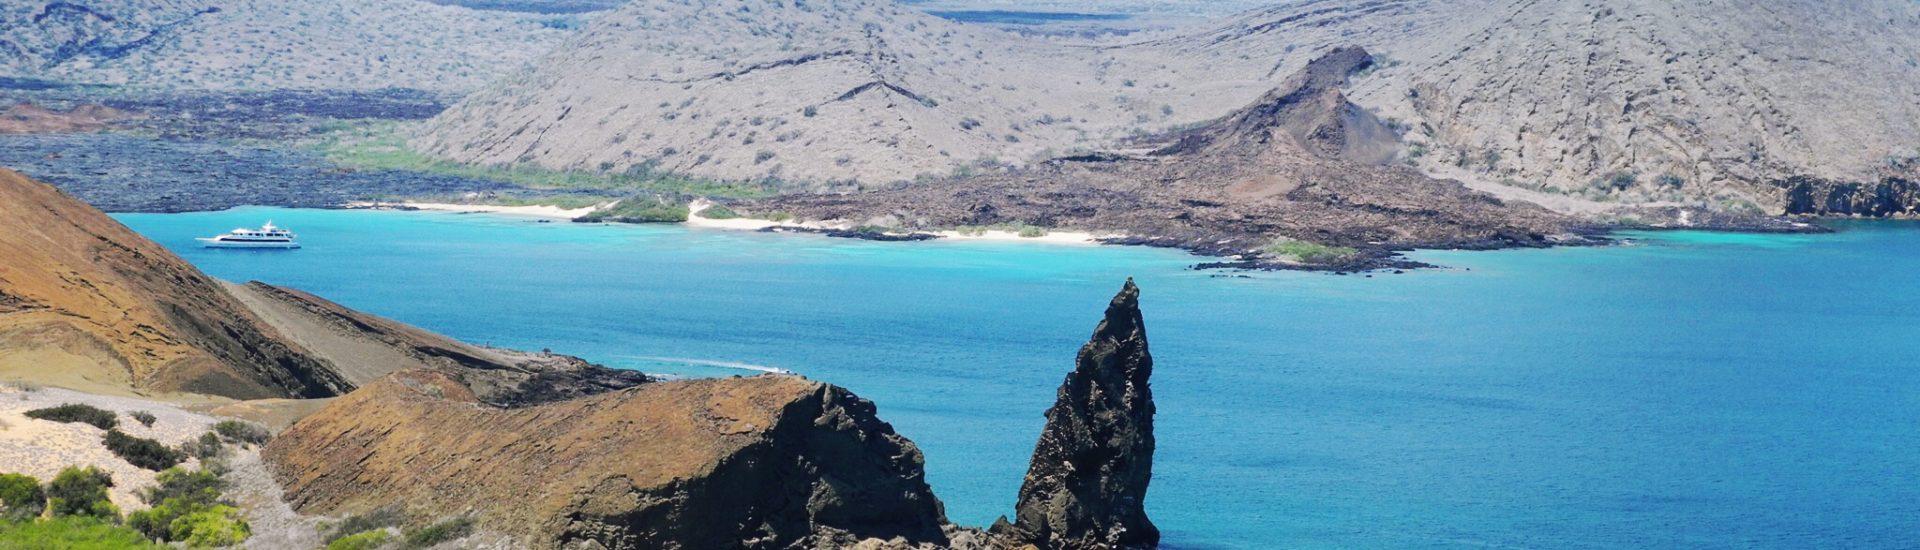 Bartolomé Island, Galápagos Islands